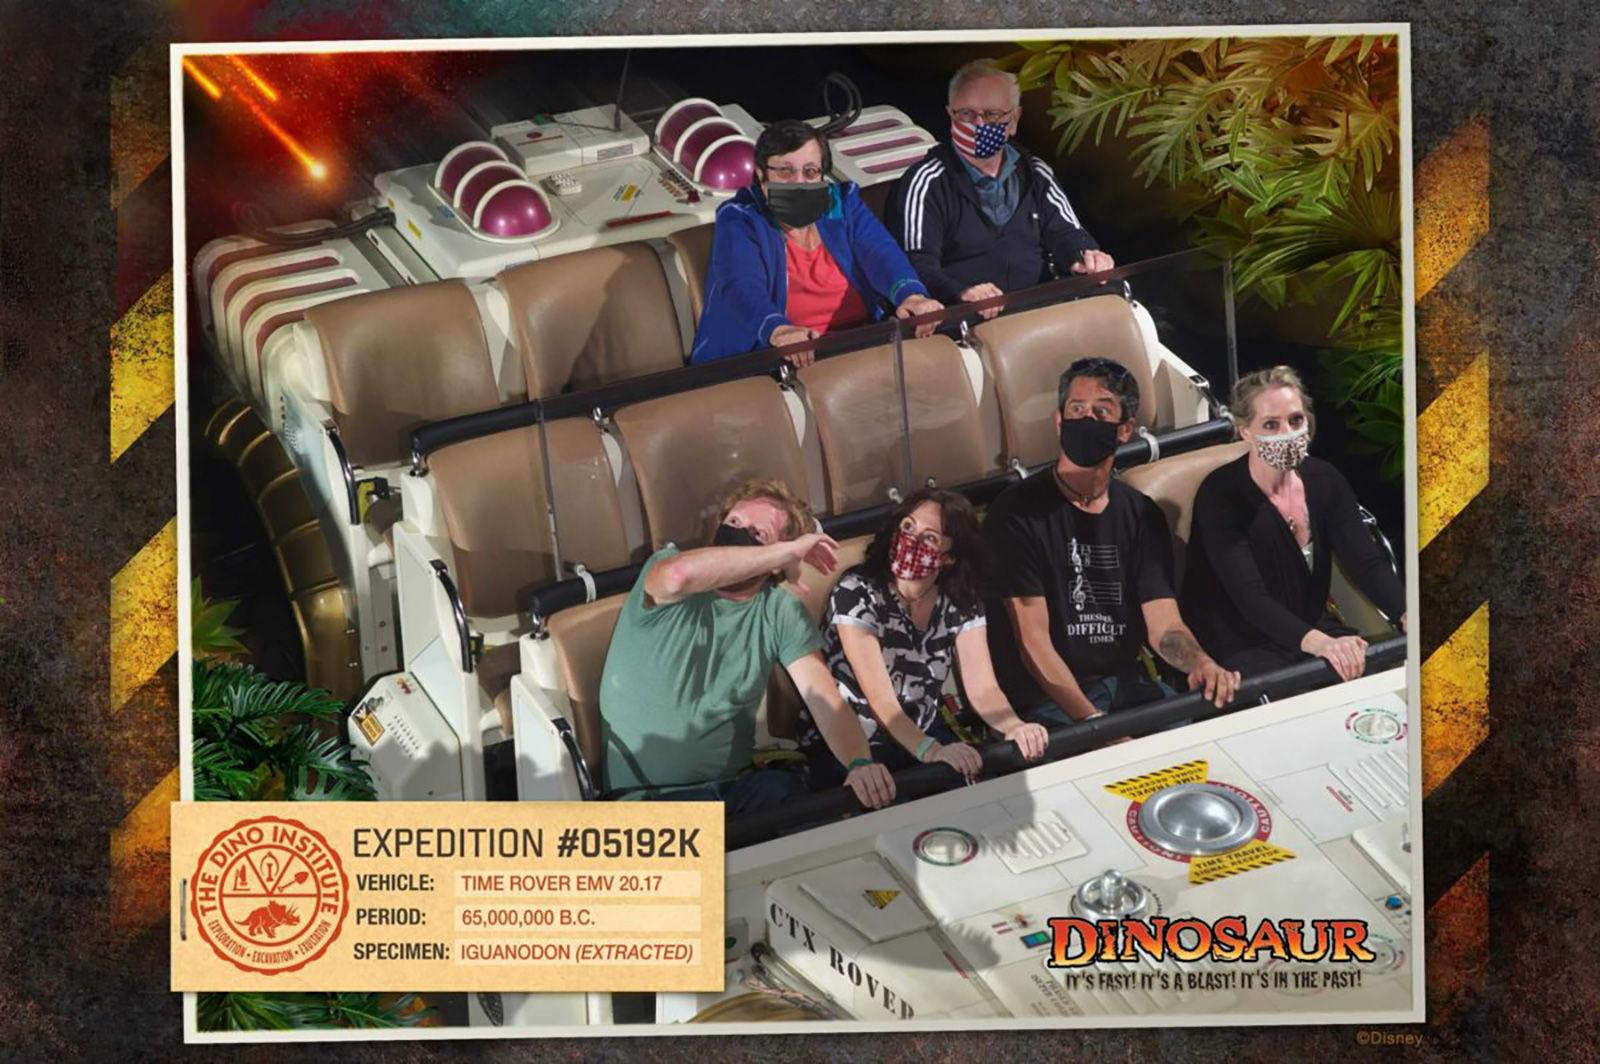 Disney ride photo